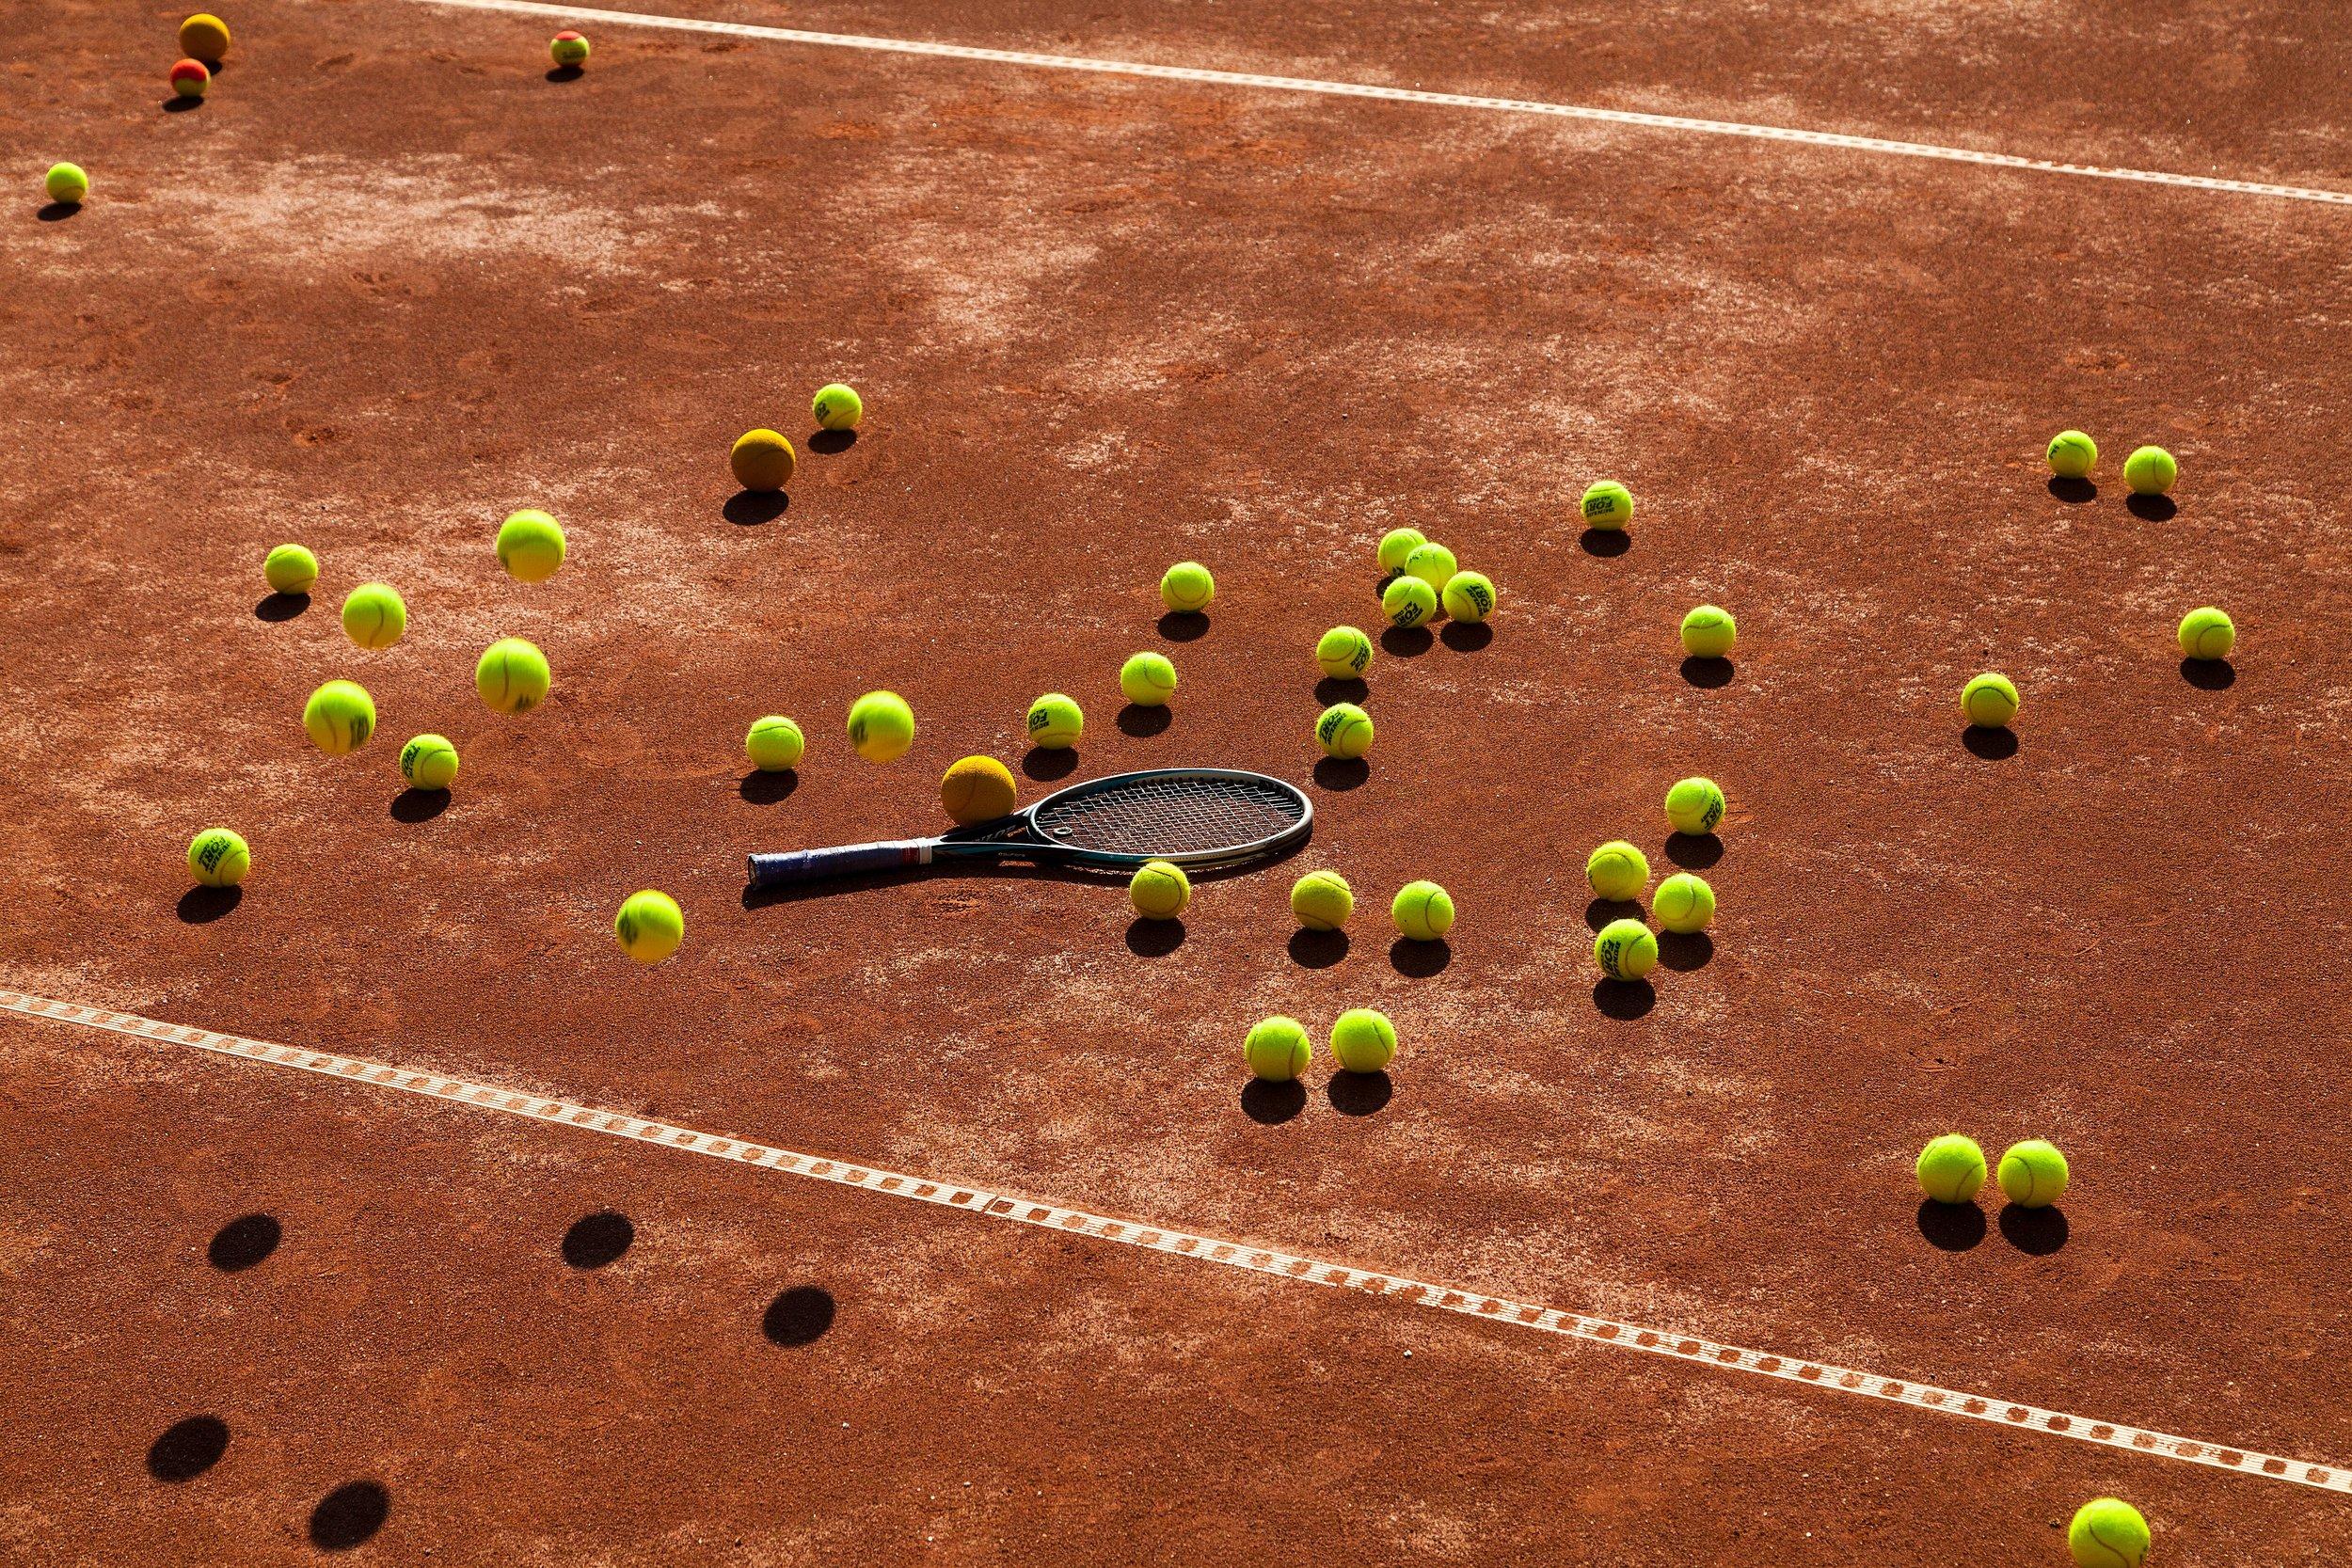 Maila-ja-paljon-palloja.jpg